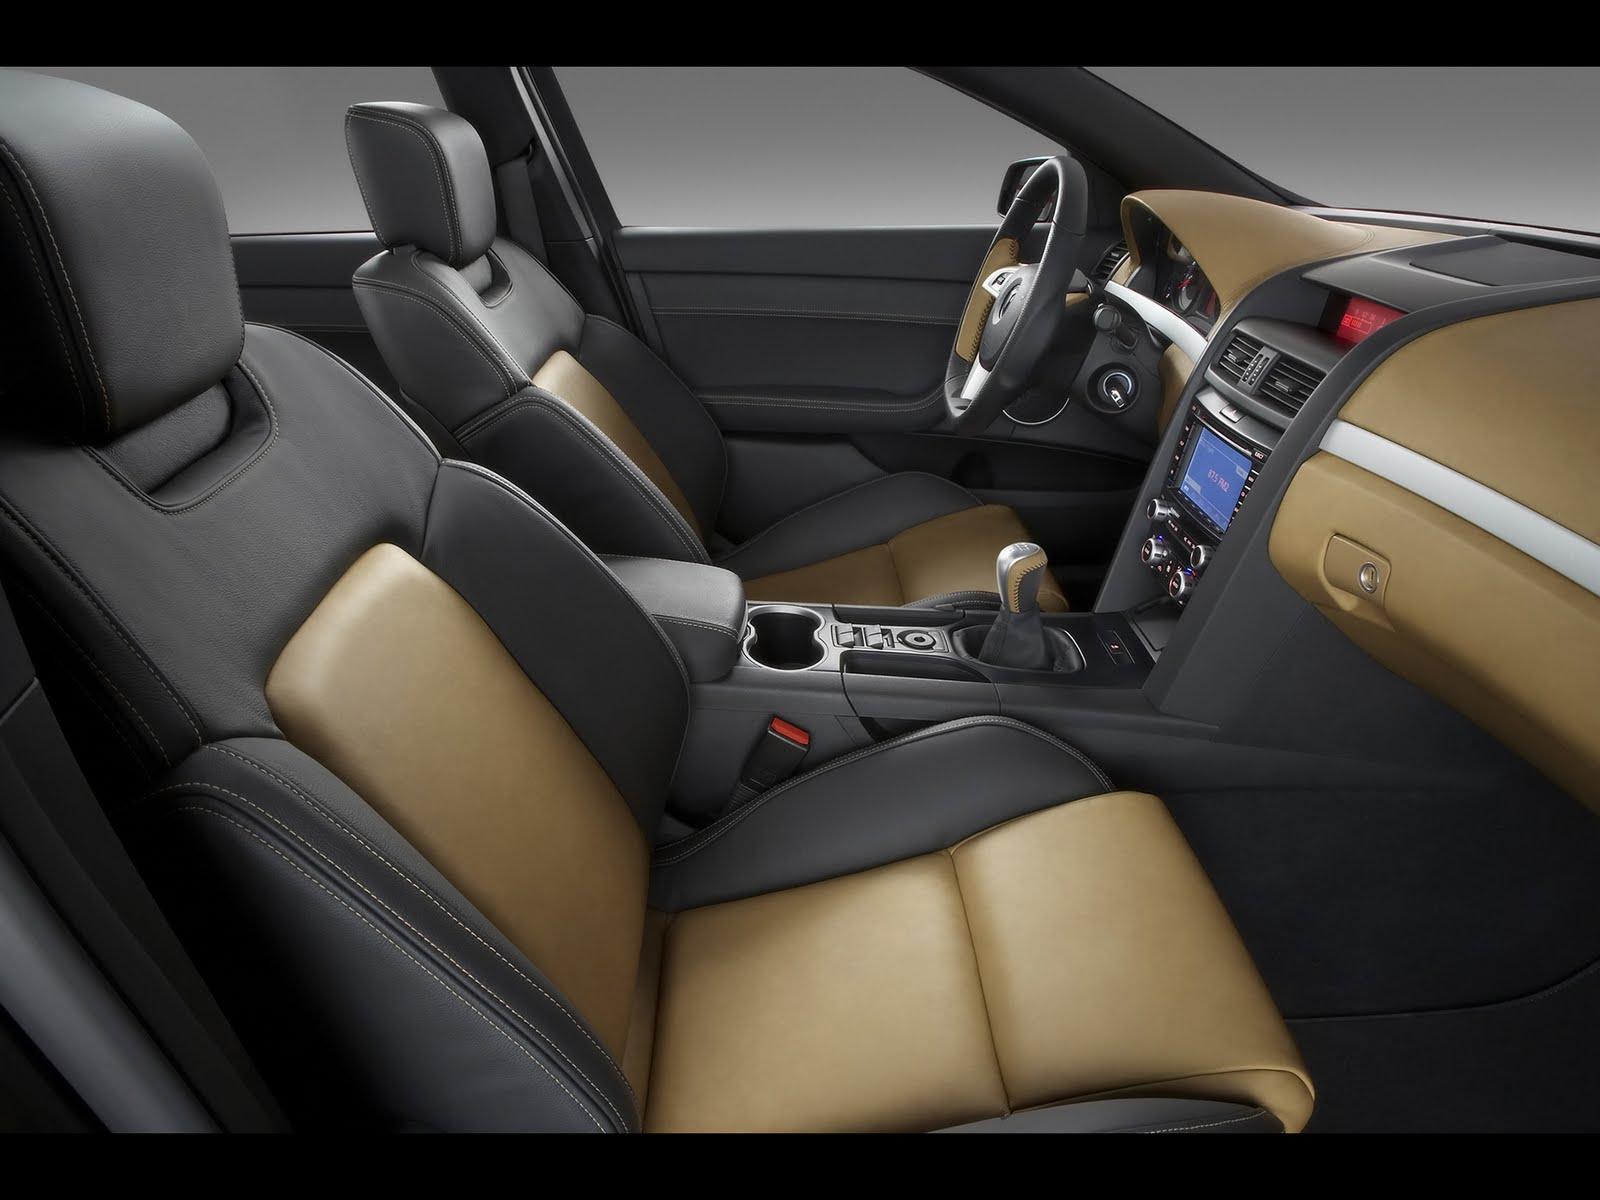 car transporters car interior pictures. Black Bedroom Furniture Sets. Home Design Ideas